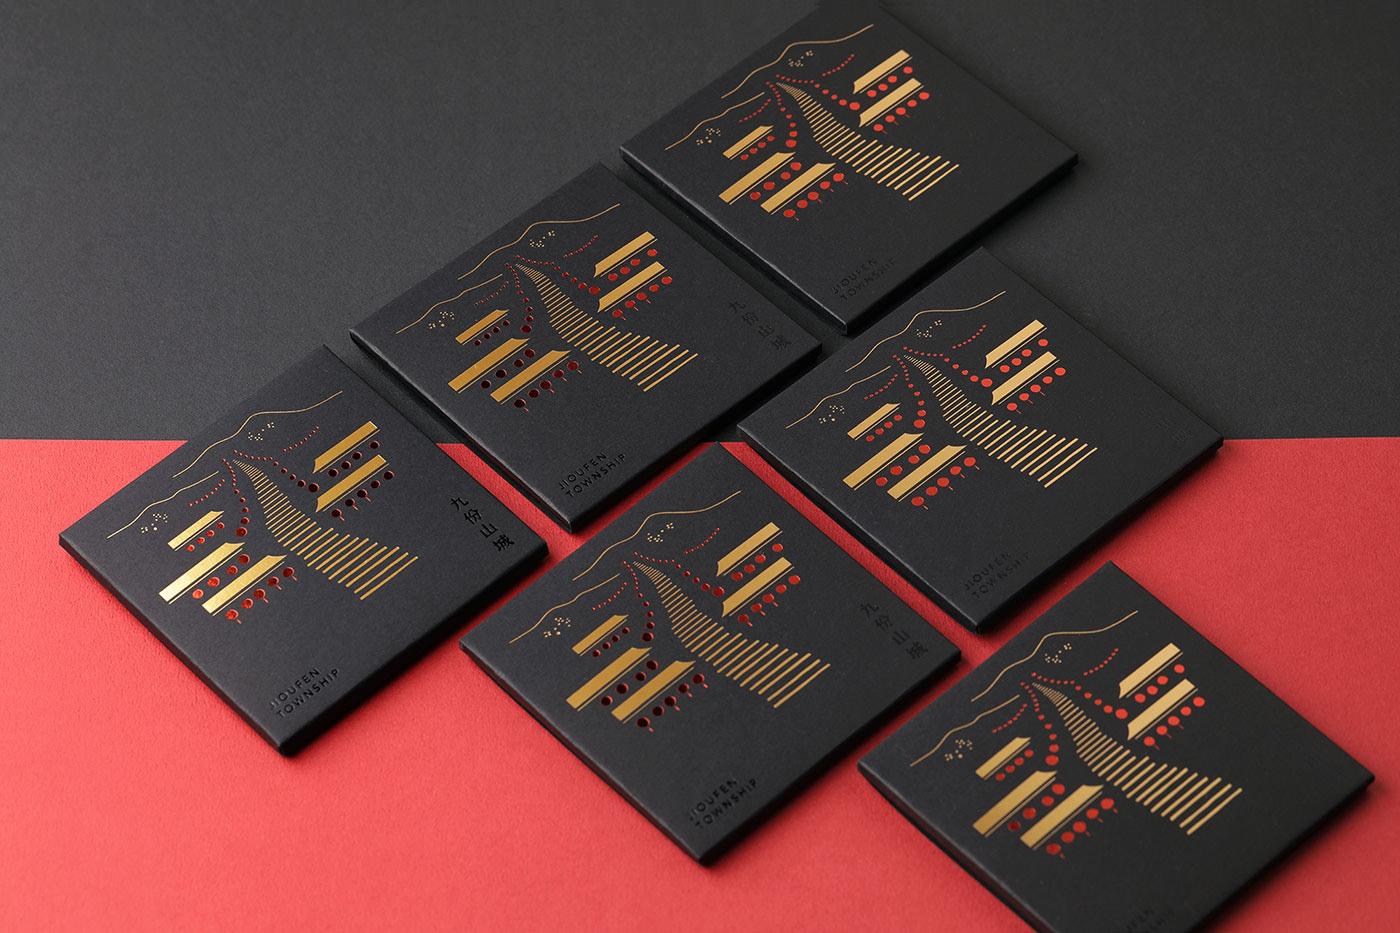 品牌图形标识设计方案 -brand-13